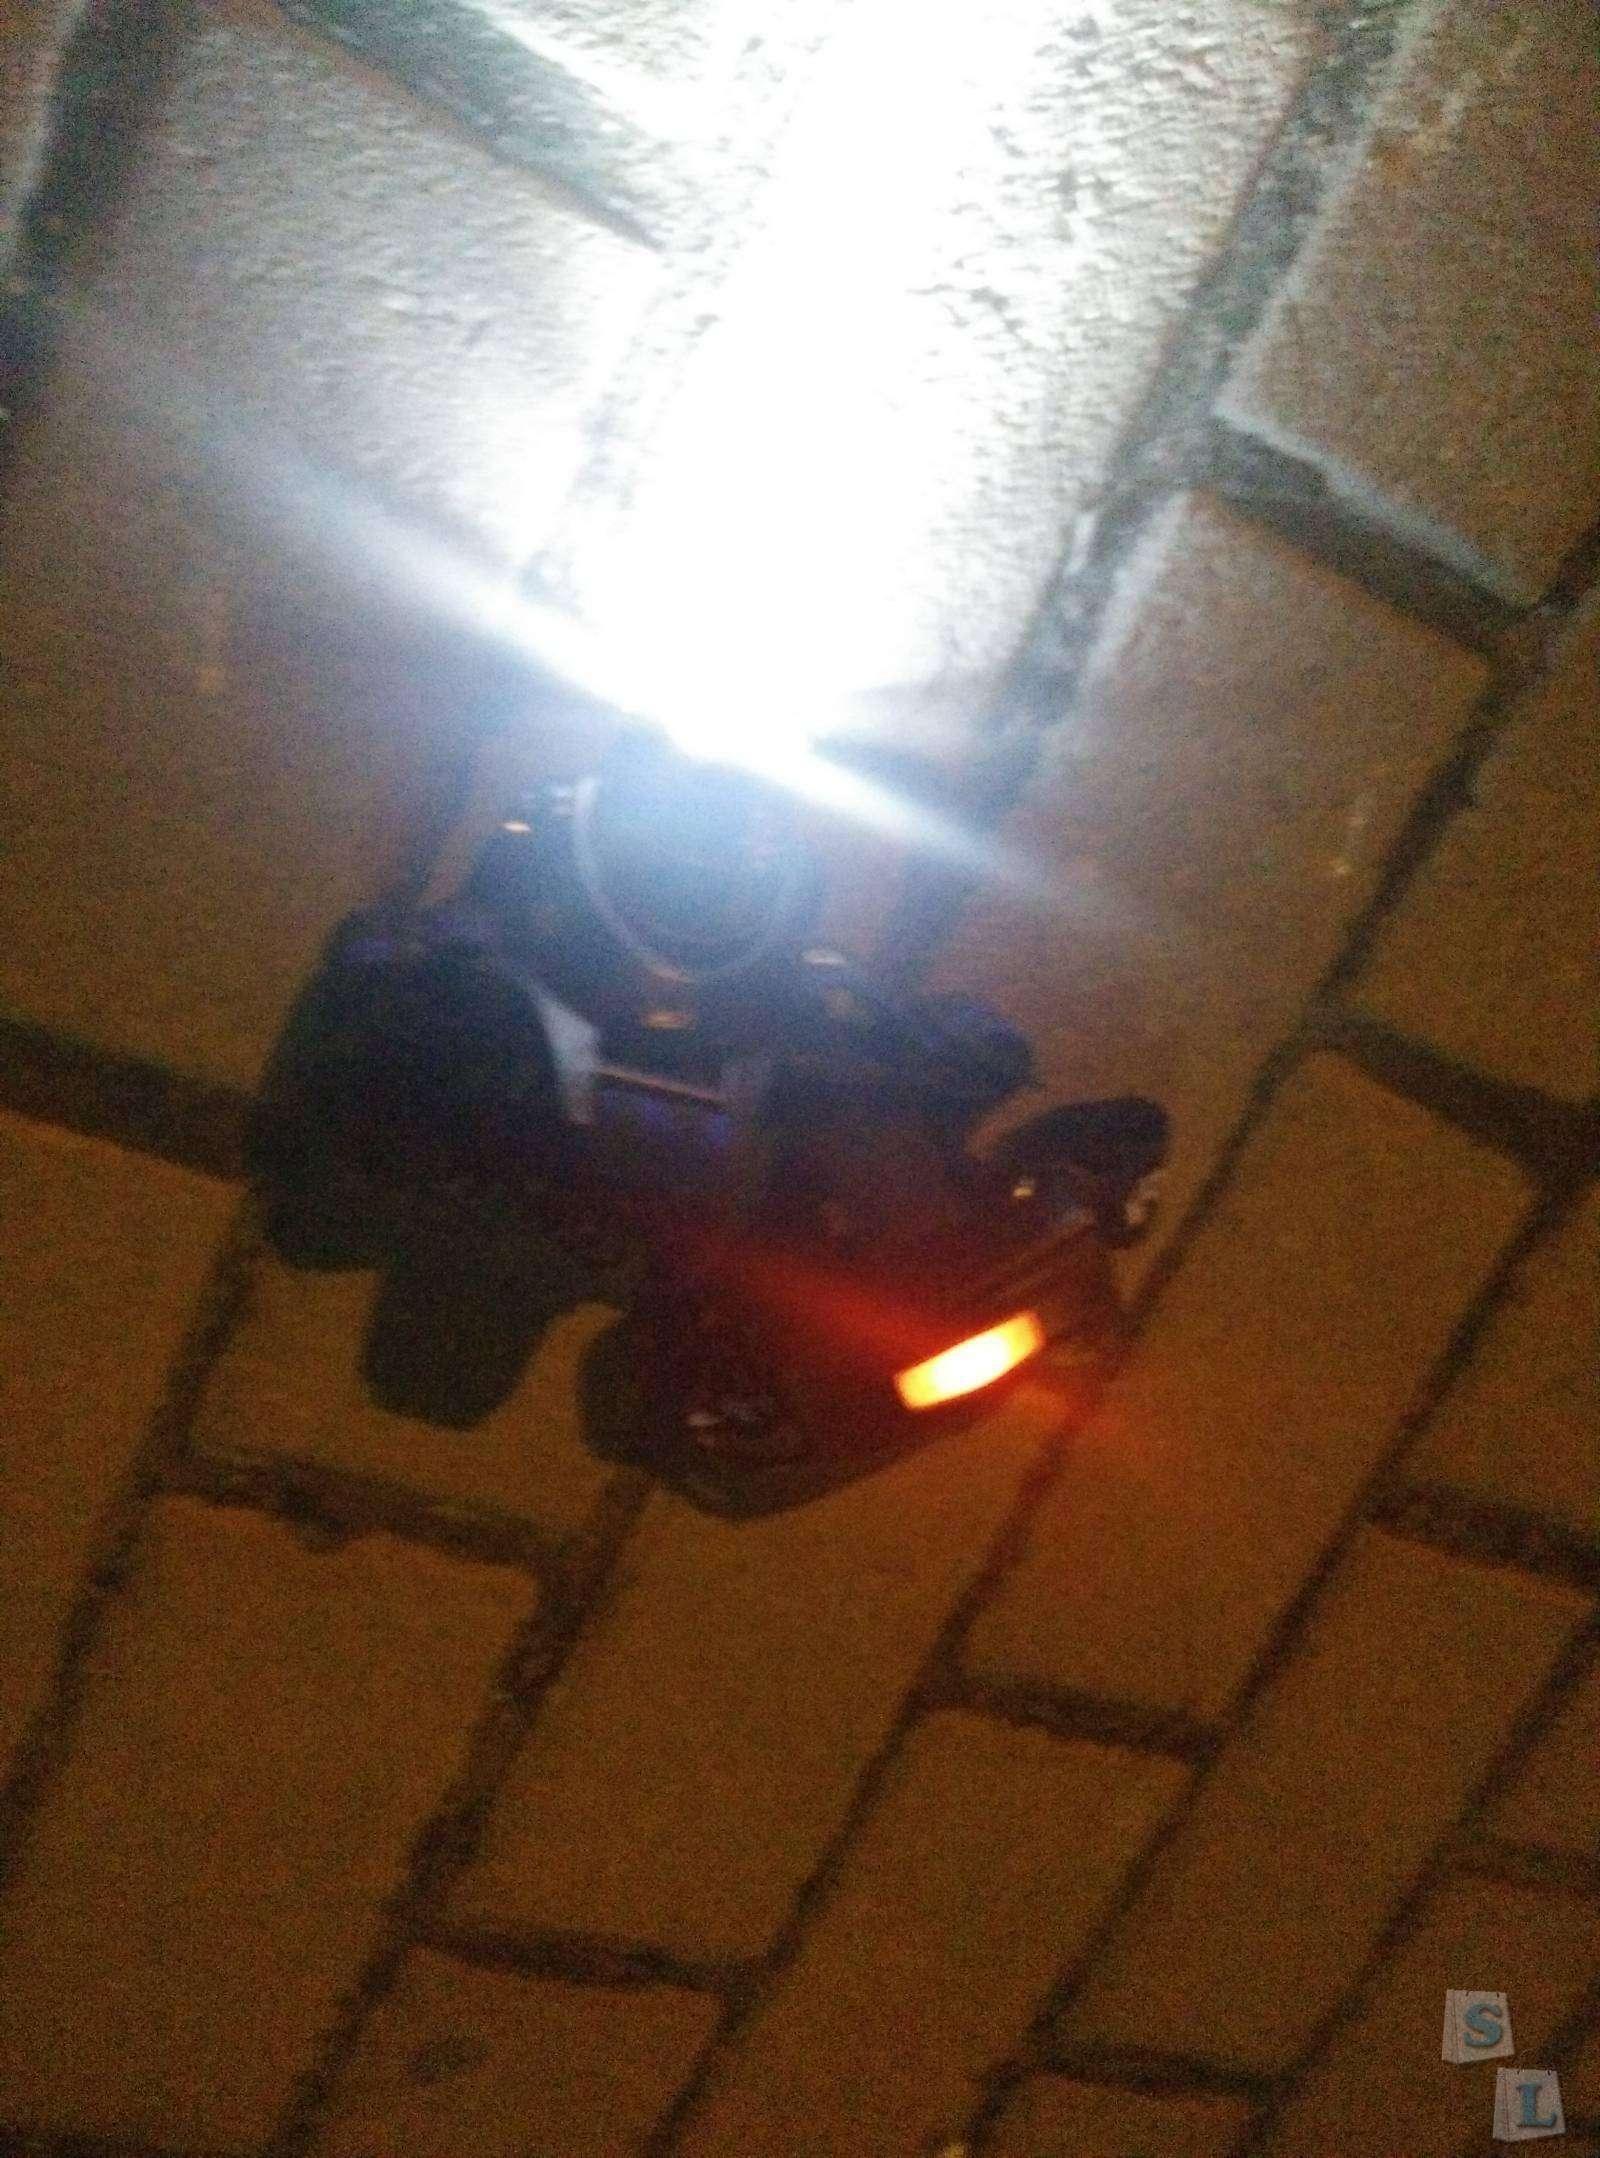 Aliexpress: Налобный велосипедный фонарь GD001 CREE XML-T6 3 режима 1000LM